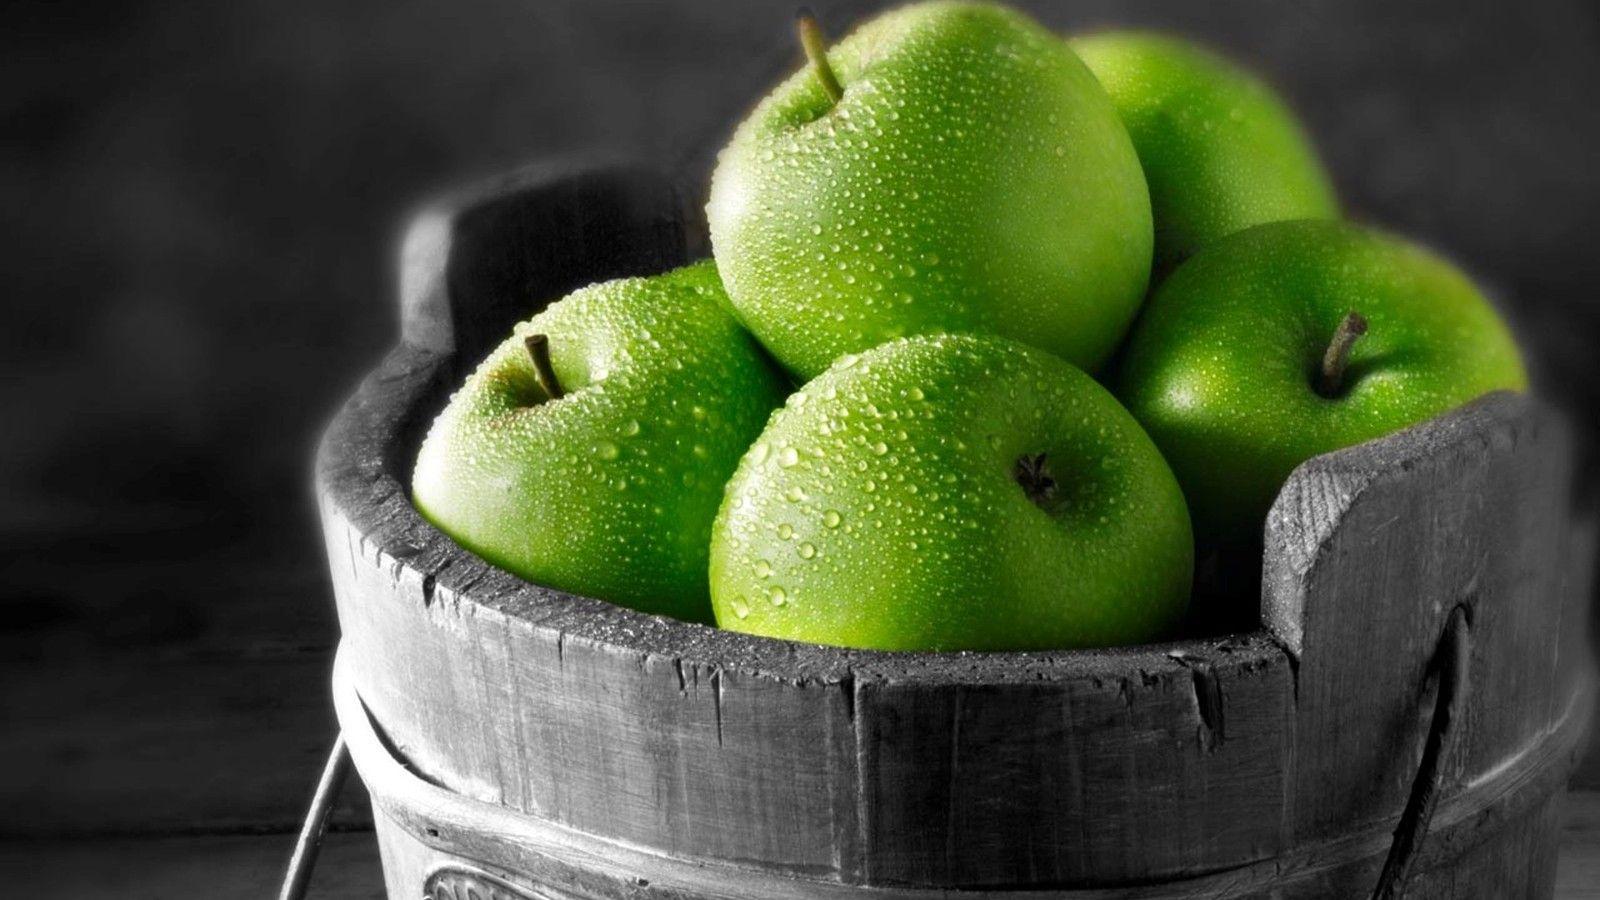 التفاح الأخضر وفوائده hwaml.com_1383330474